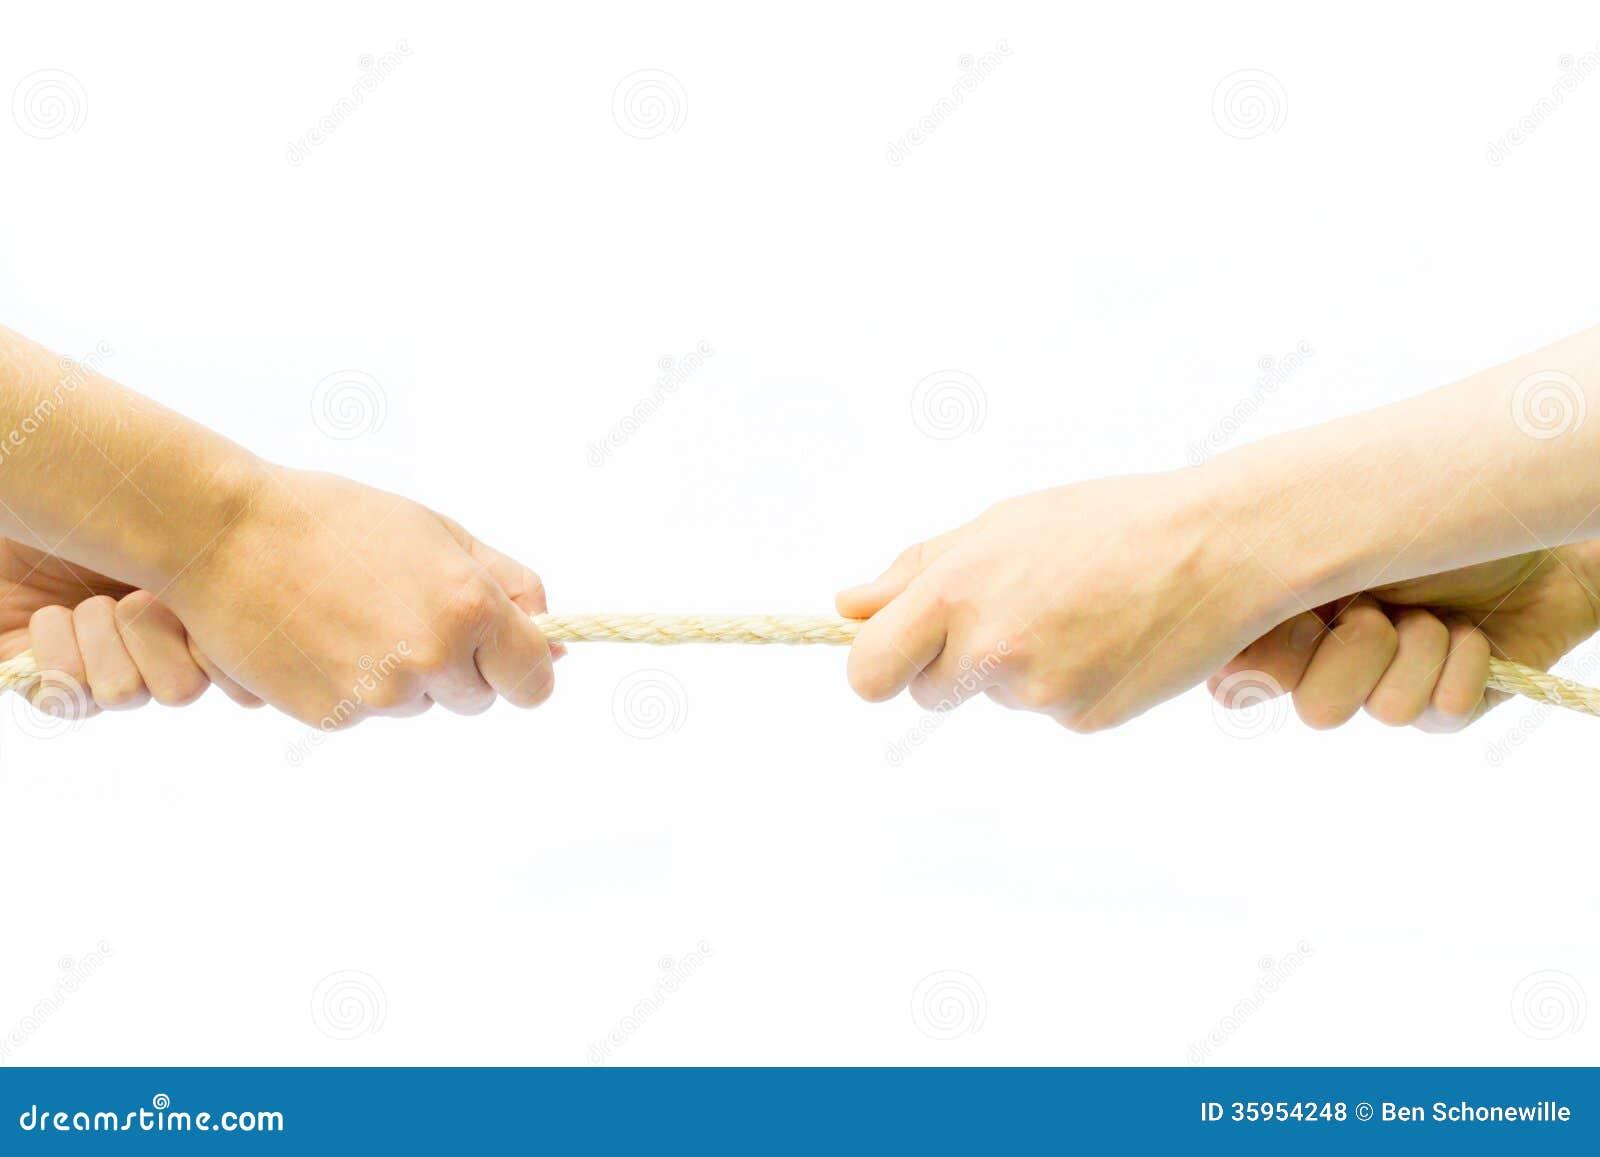 Cuerda de tracción de cuatro brazos